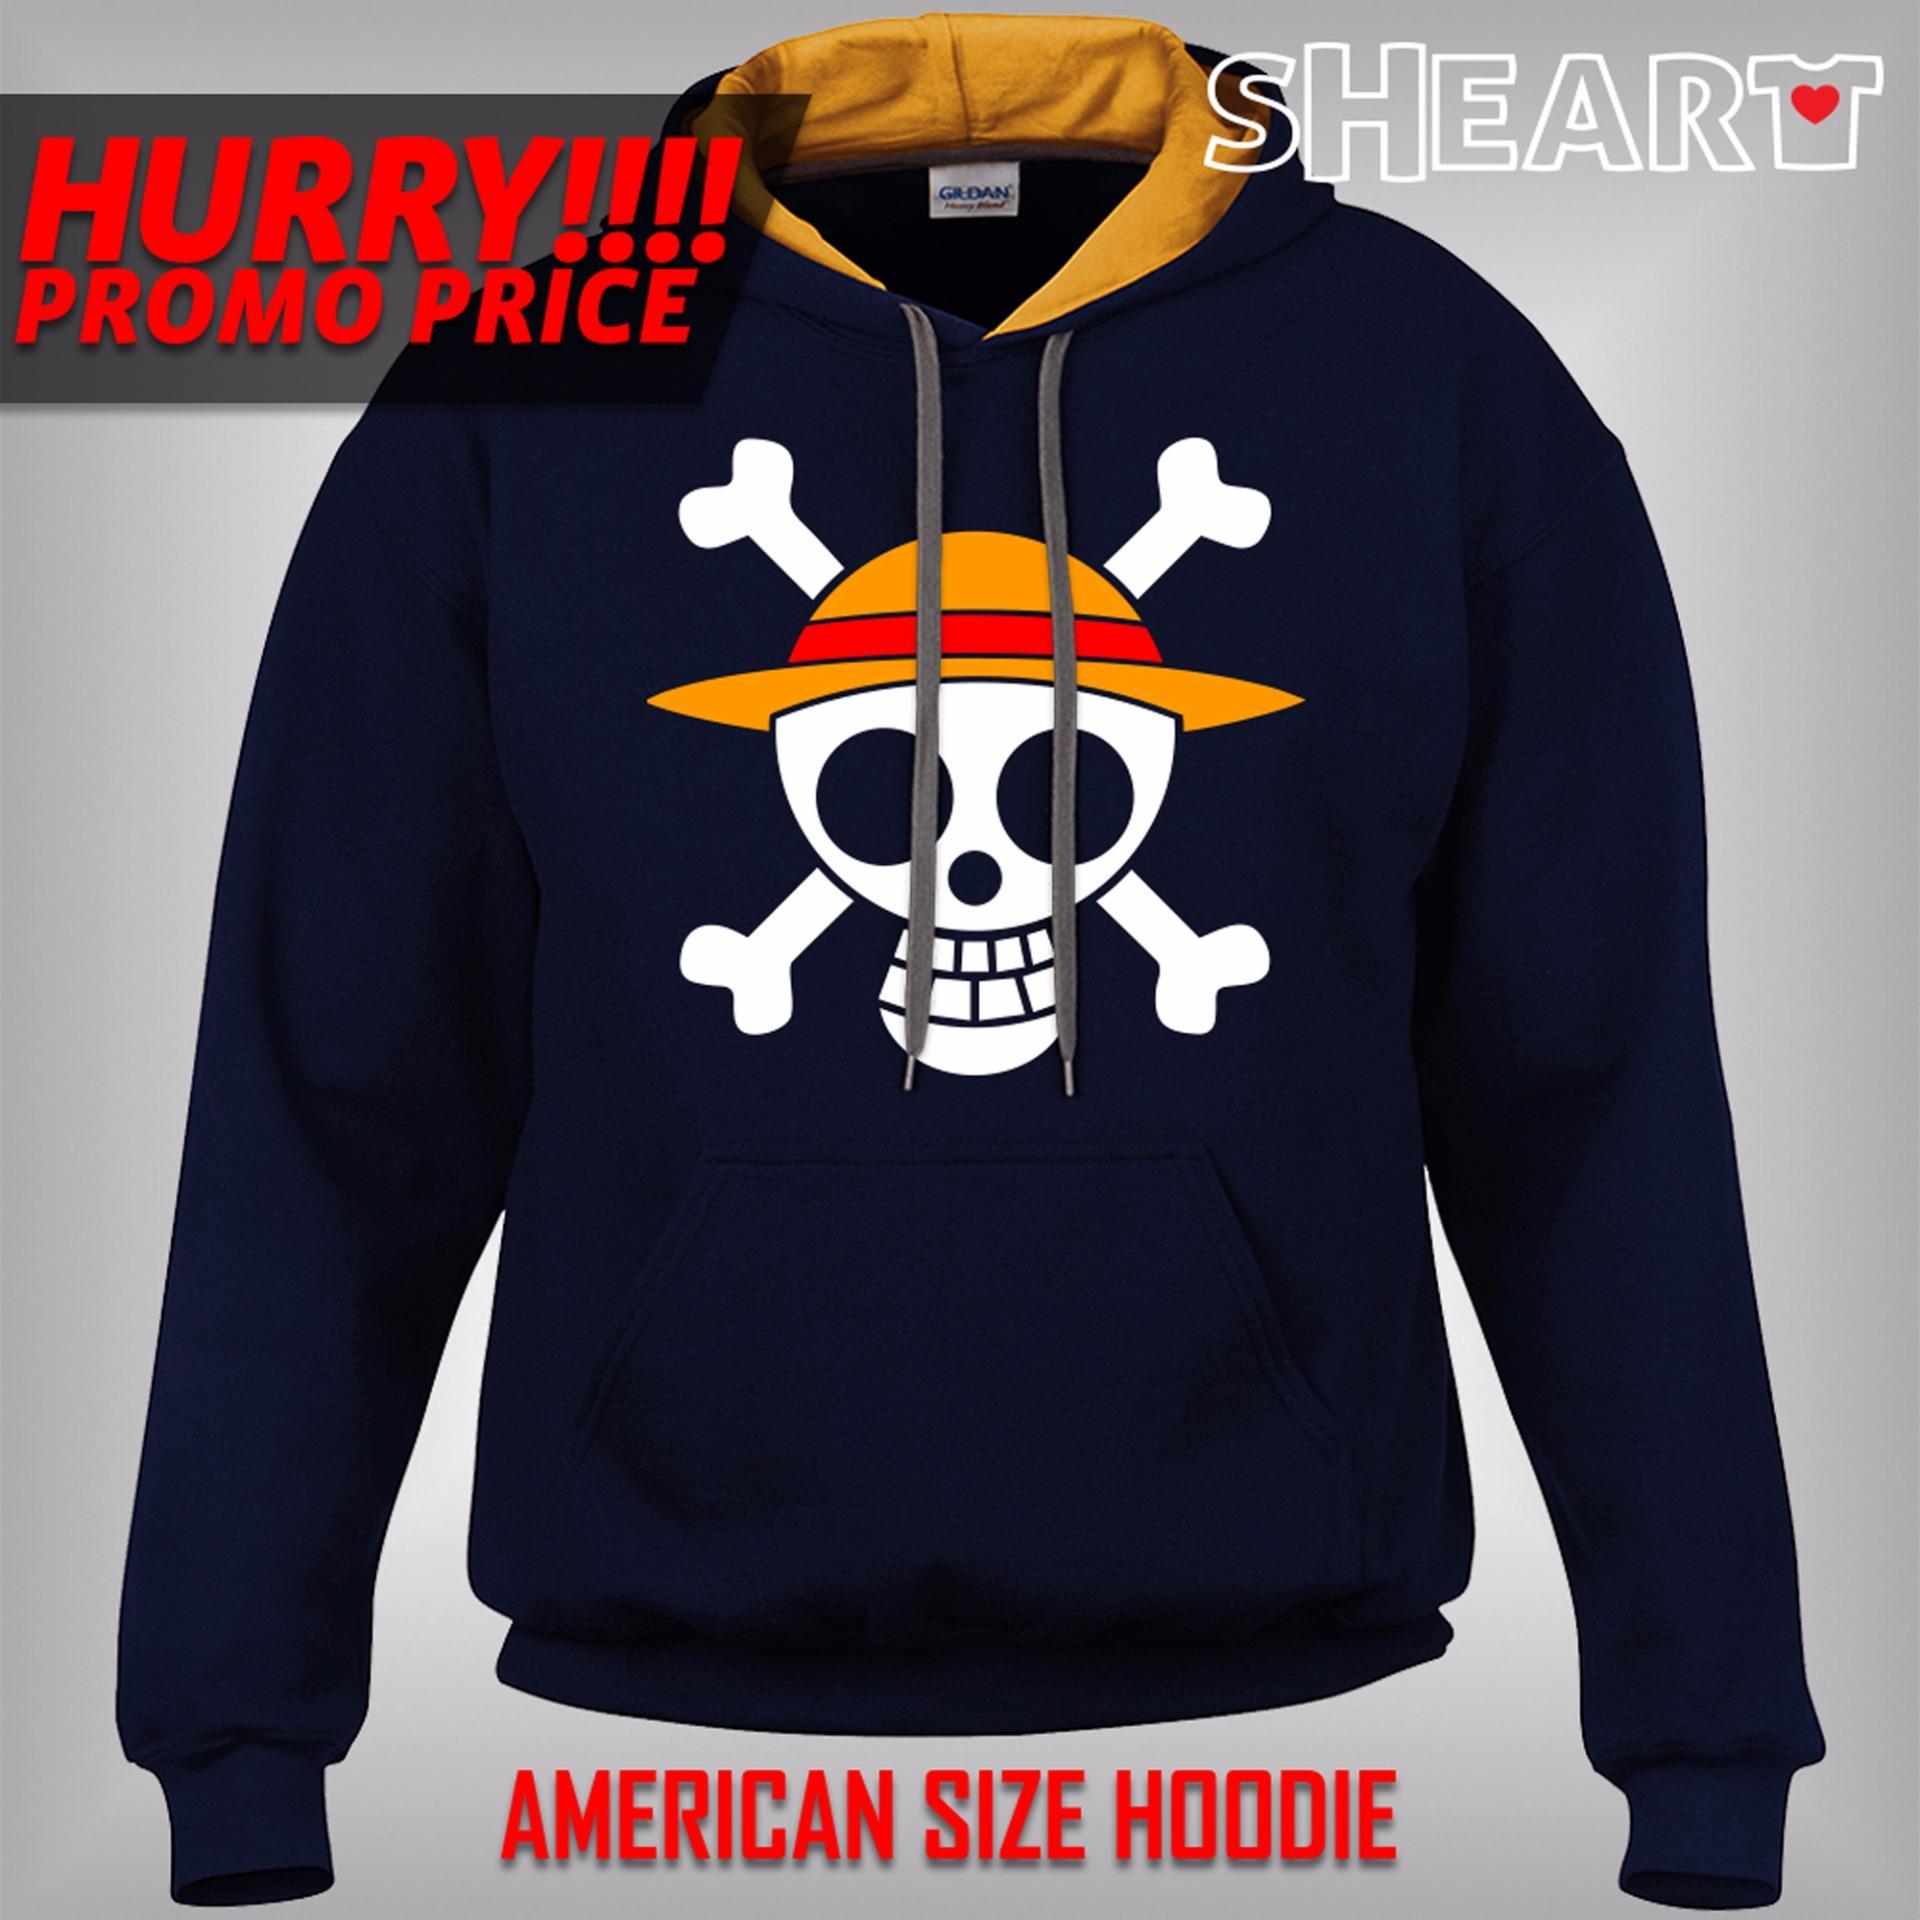 c38ec01215c6 ... Gildan Brand Contrast Hoodie Jacket One Piece (Navy Gold) ...